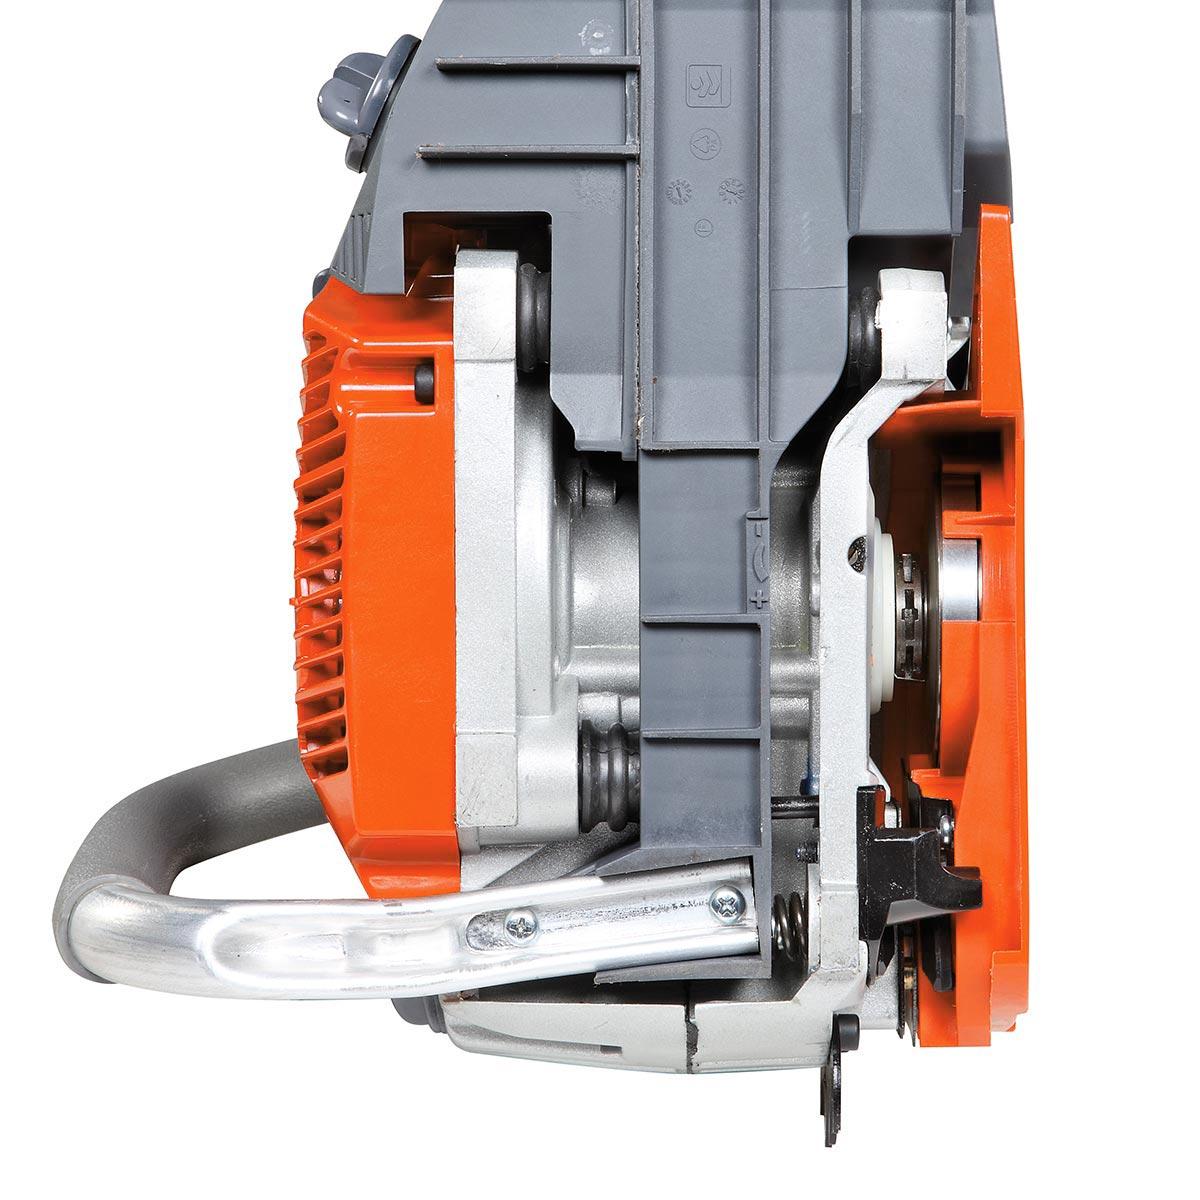 اره برقی بنزینی اولیومک مدل GSH51